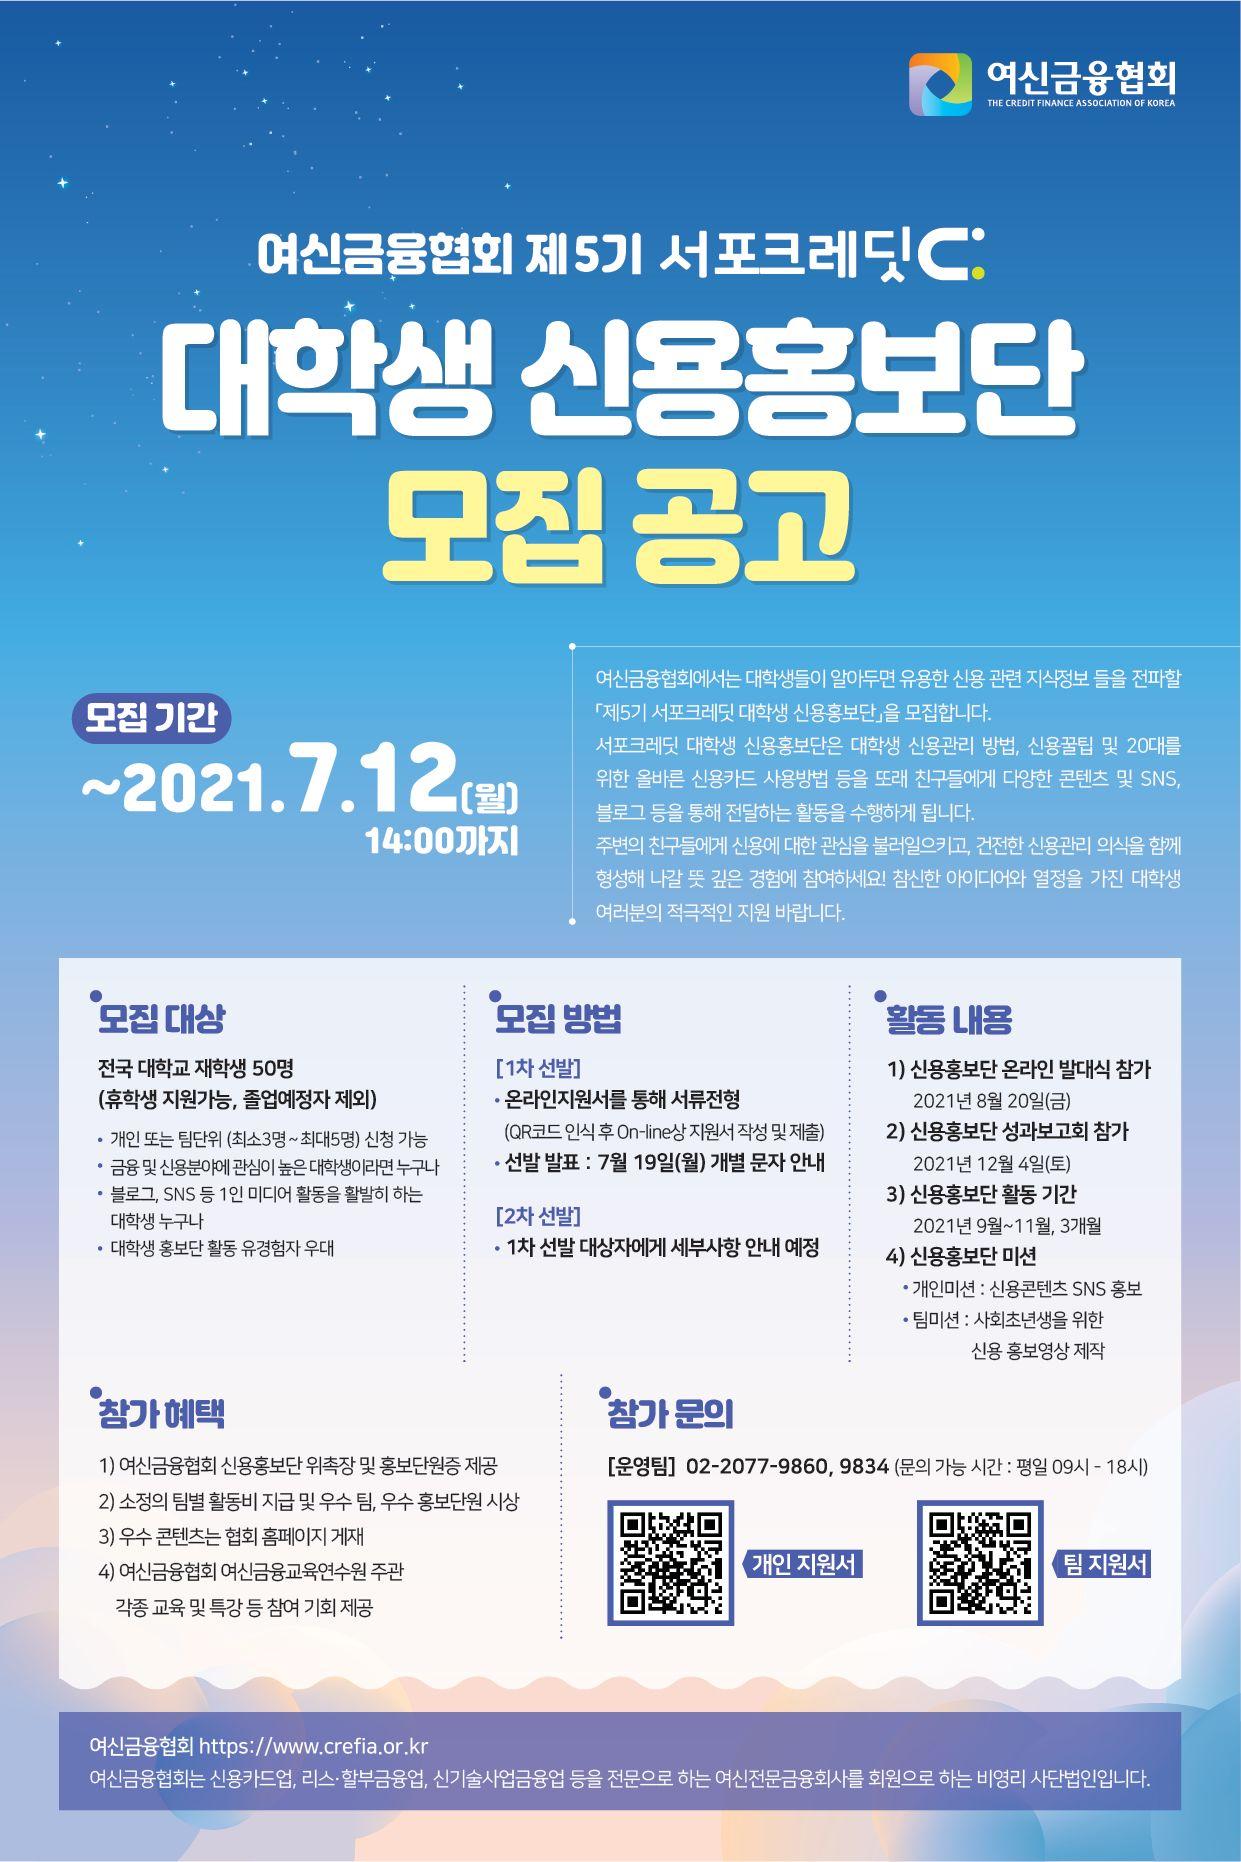 [여신금융협회] 제5기 서포크레딧 대학생 신용홍보단